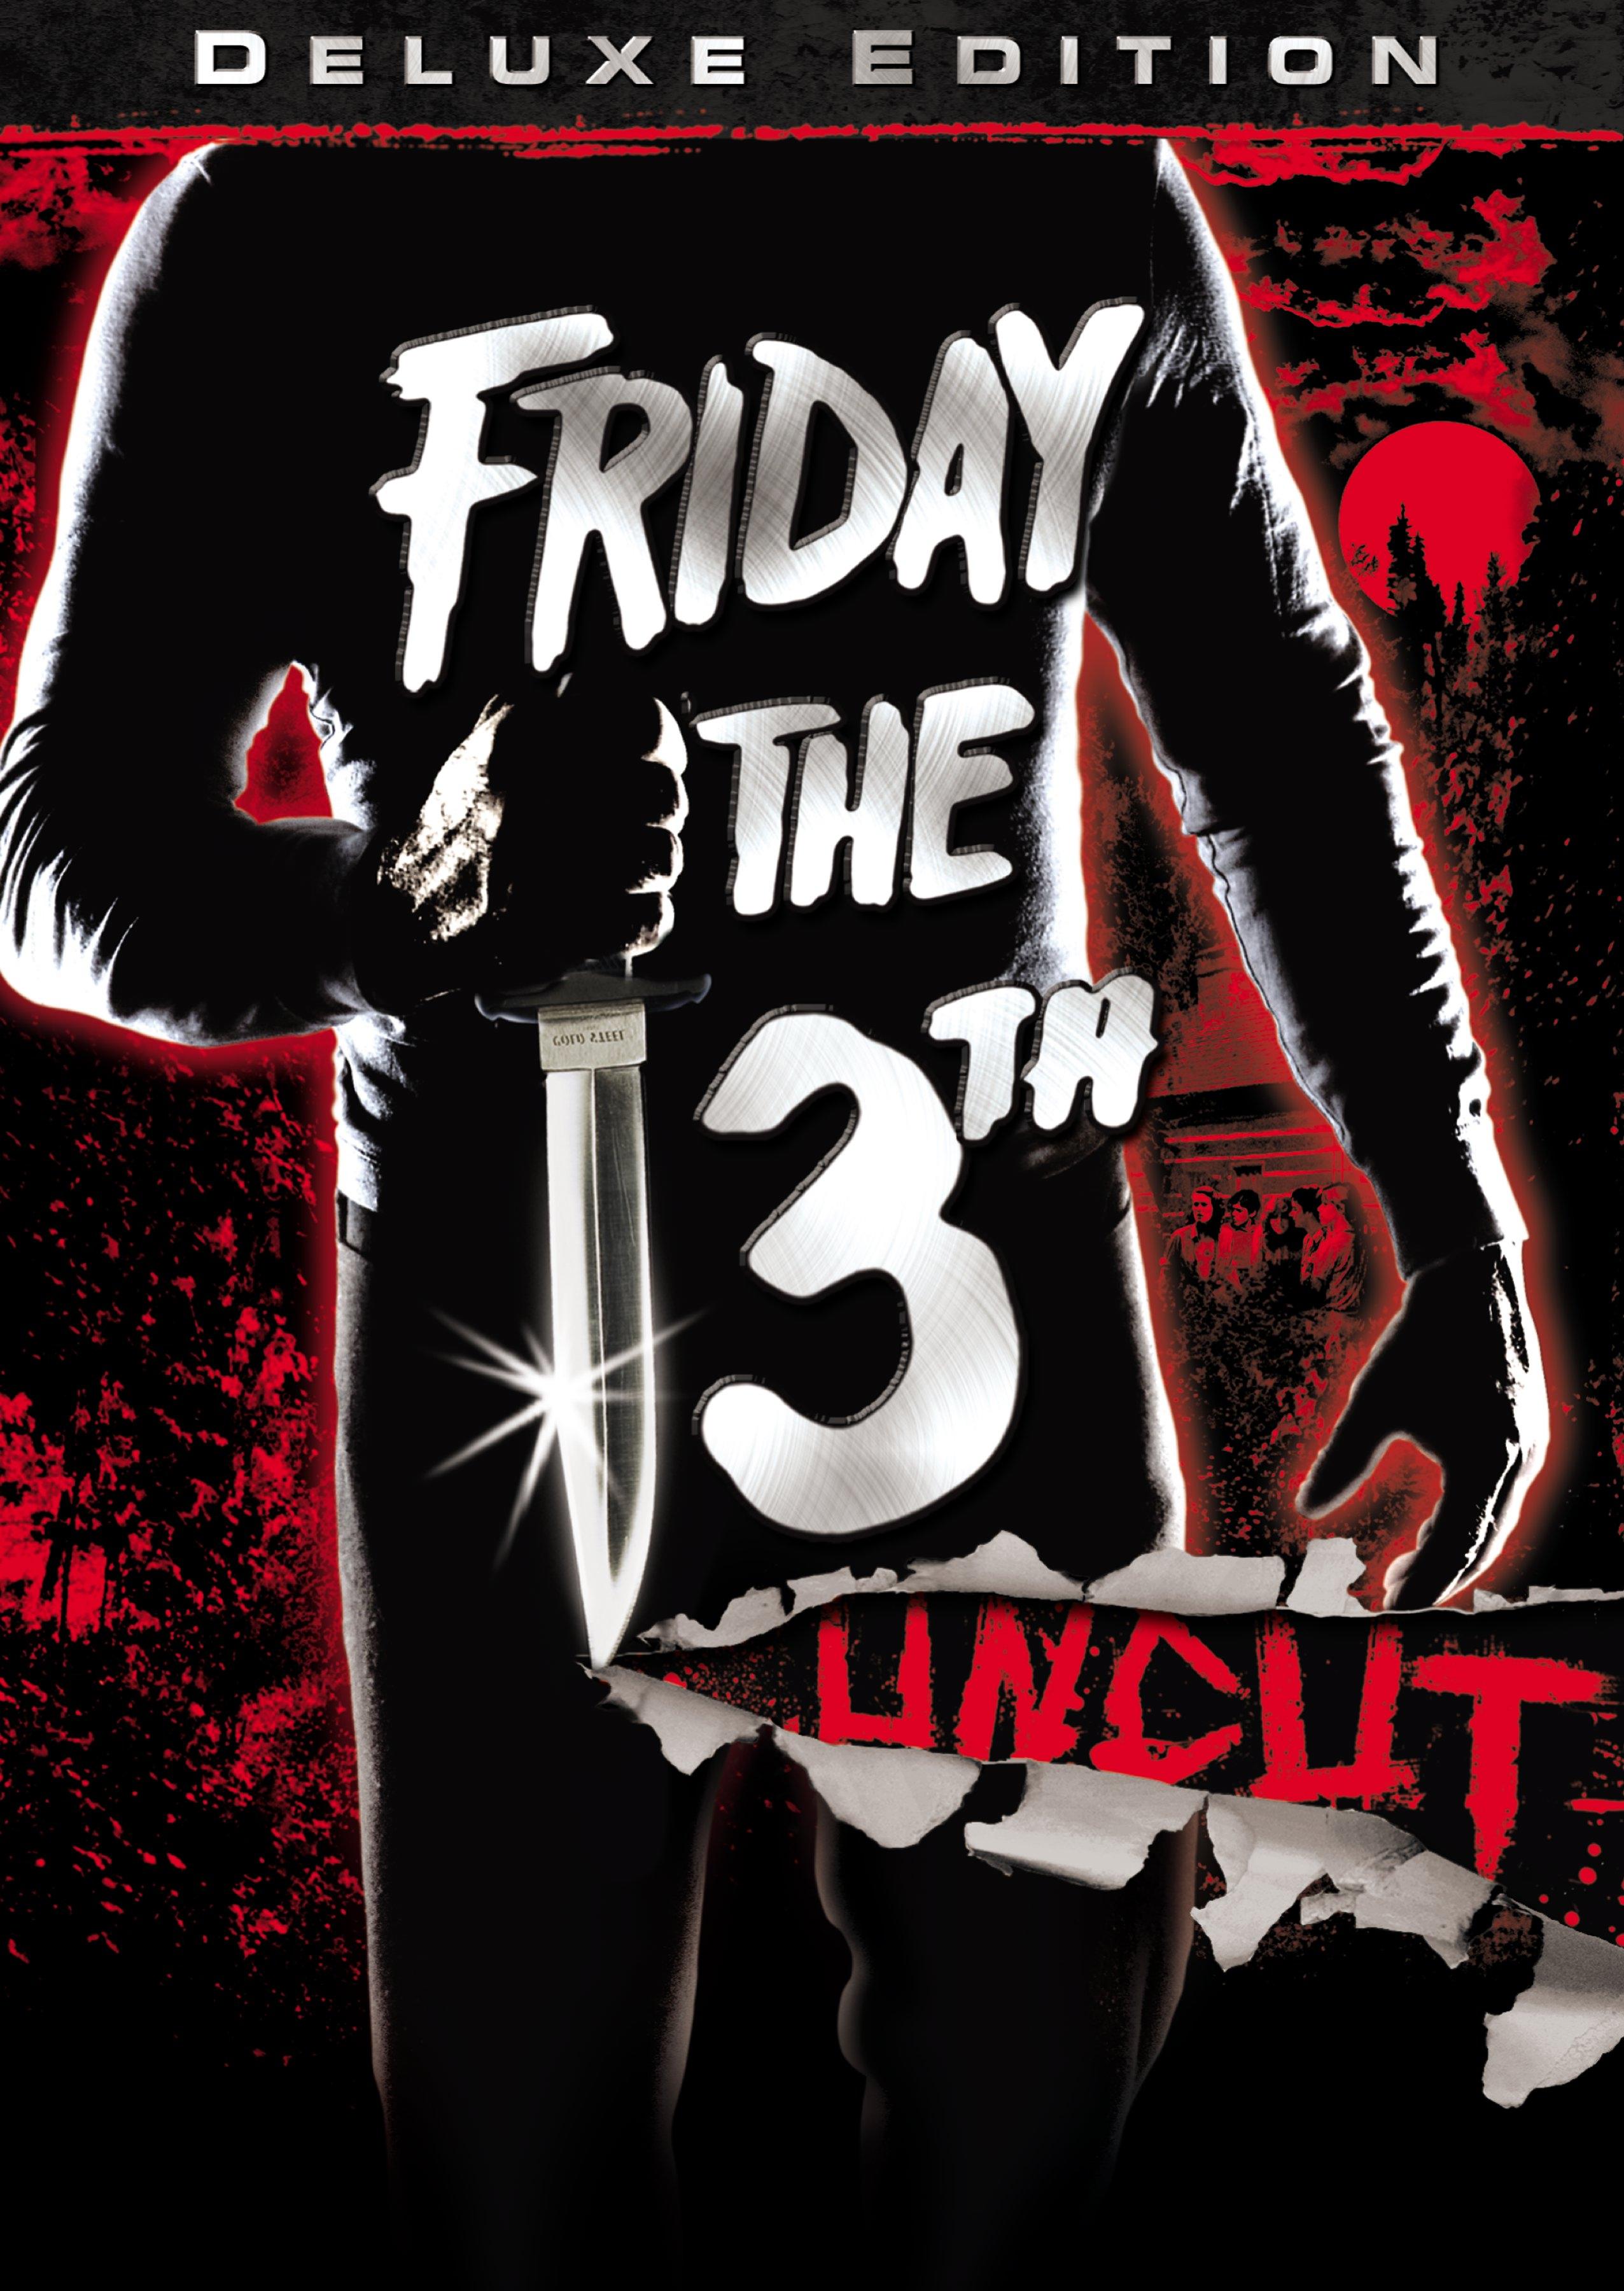 Пятница, 13-ое обложка dvd издания